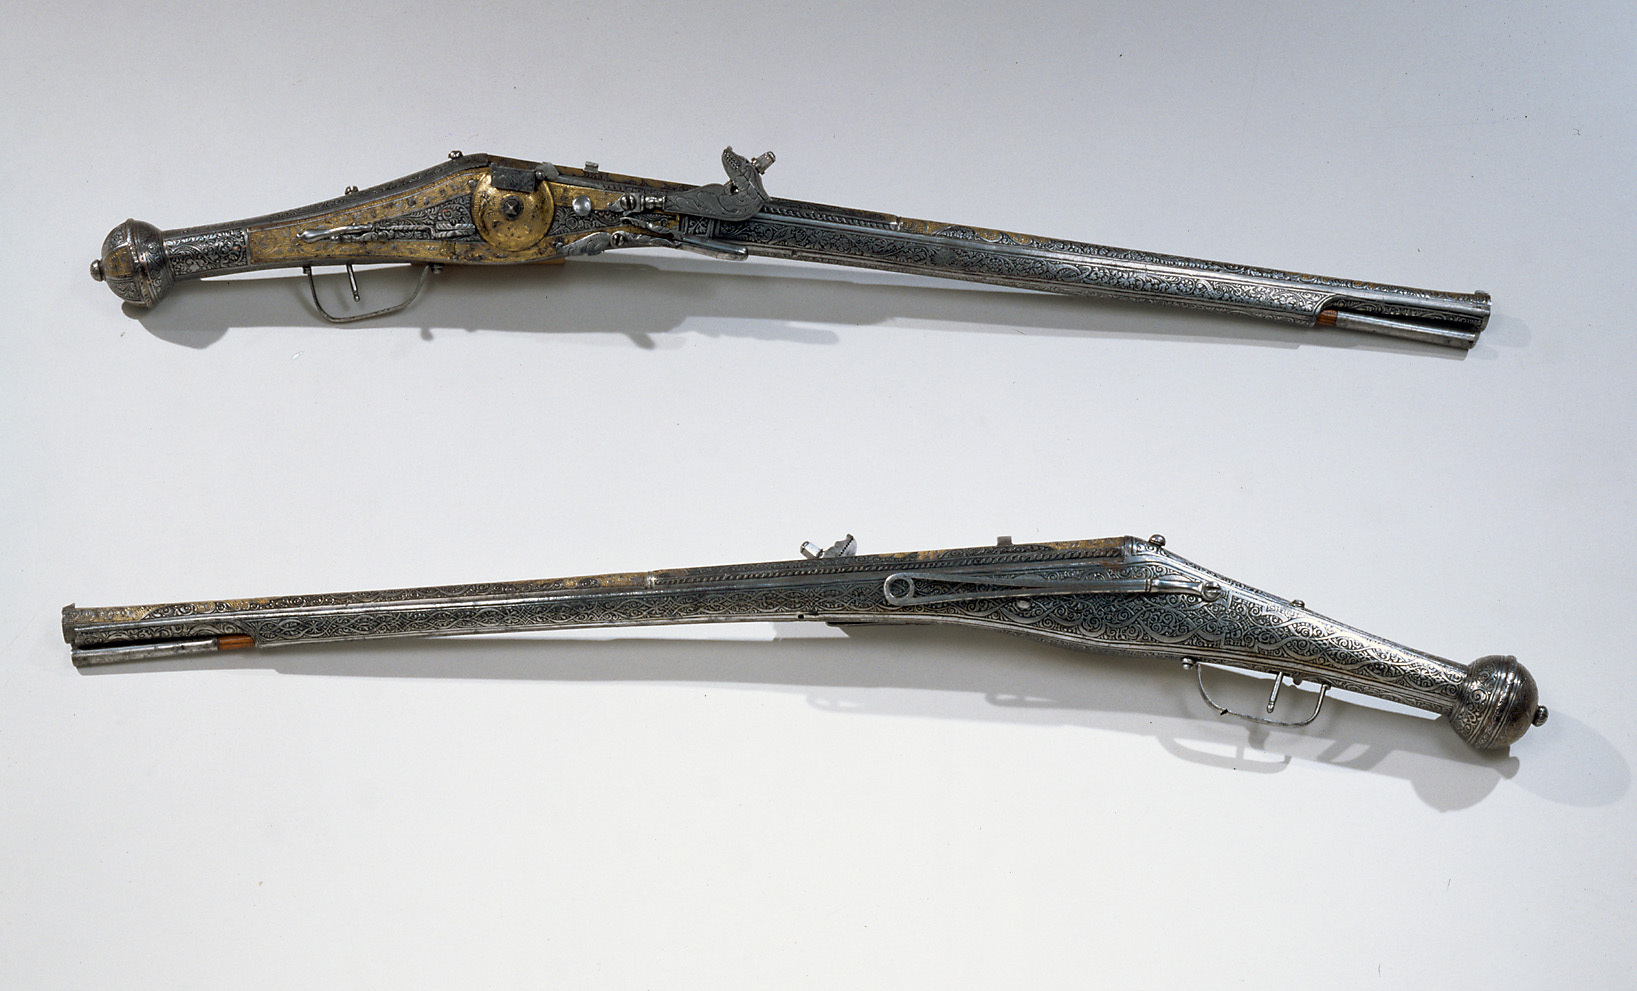 Radschlosspistole (langes Faustrohr)